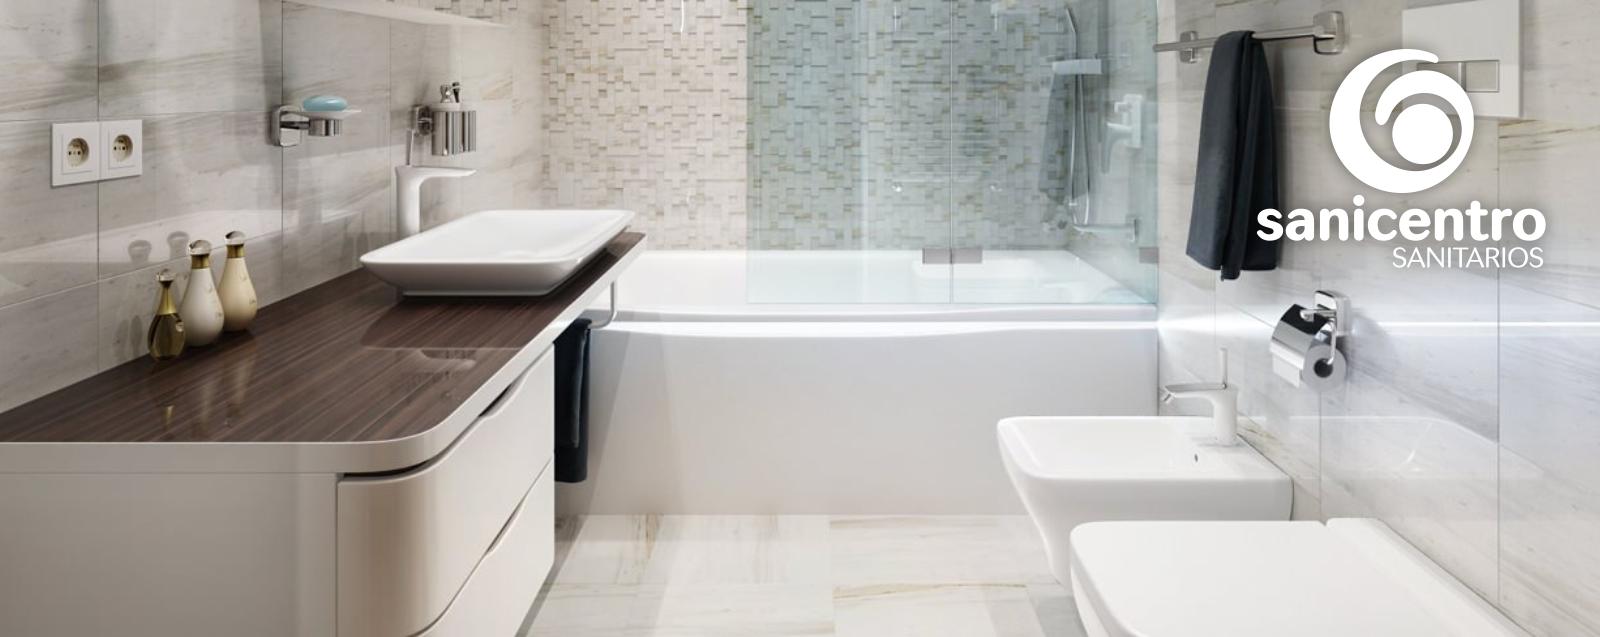 Cómo diseño mi cuarto de baño? - Sanicentro